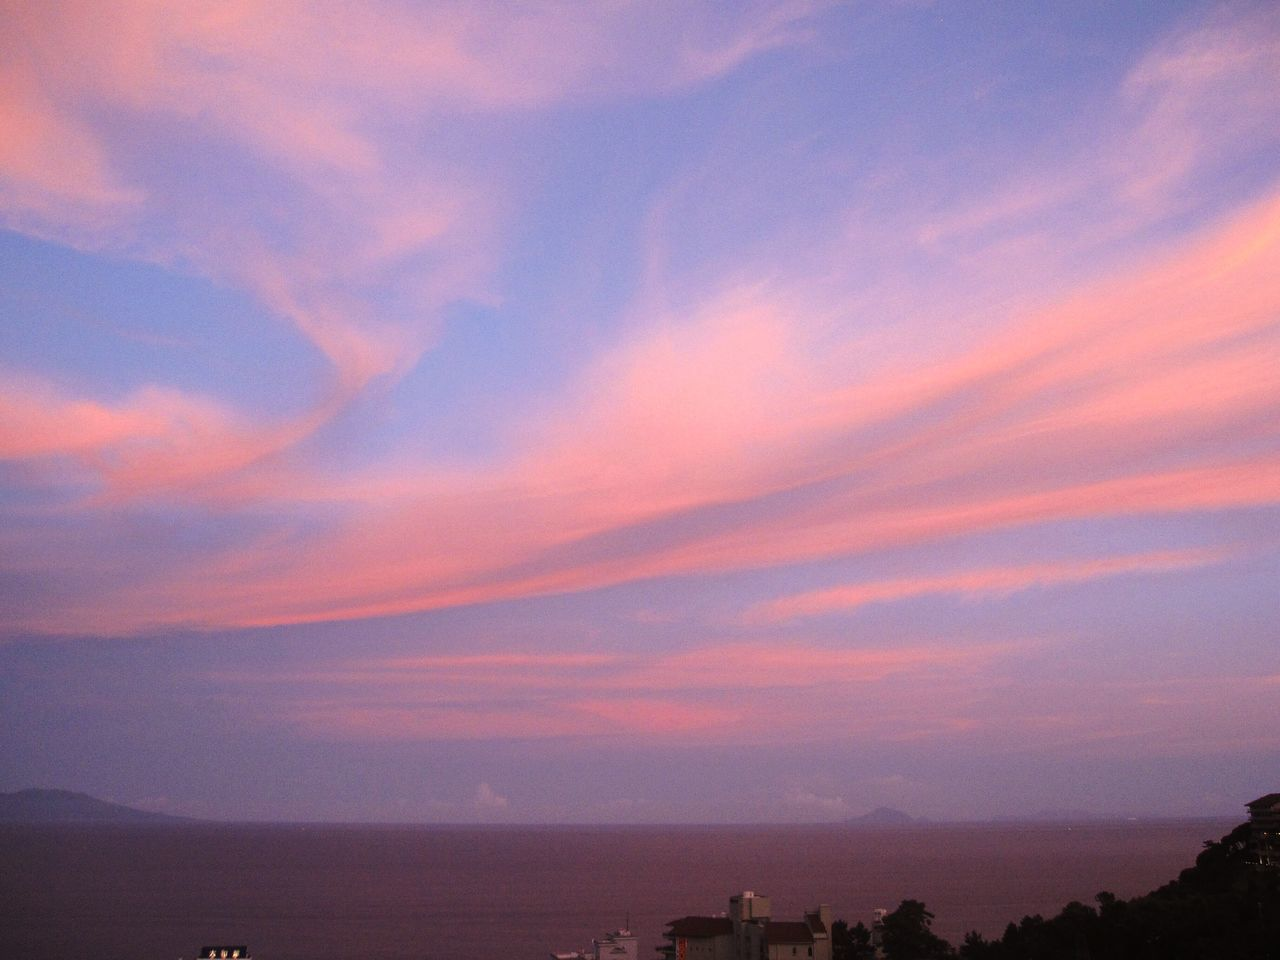 熱川 日本 Japan Sunset Scenics Sky Beauty In Nature Nature Tranquility No People Tranquil Scene Outdoors Cloud - Sky Landscape Mountain Day